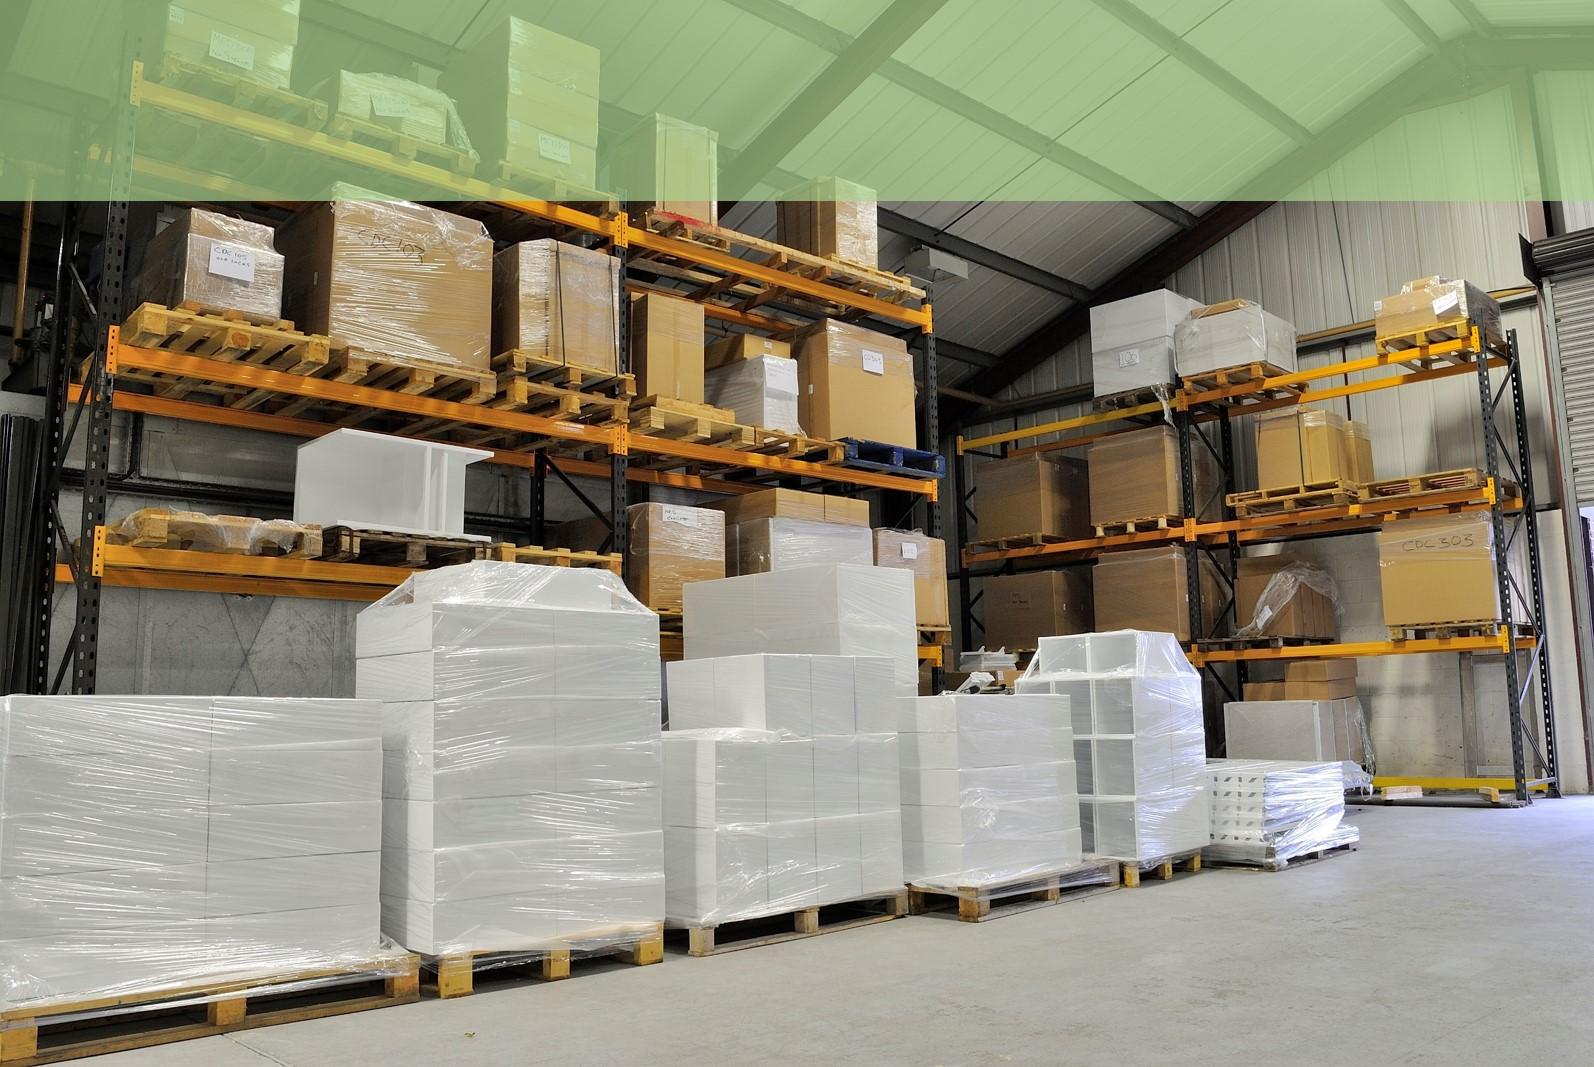 Garage furniture stock